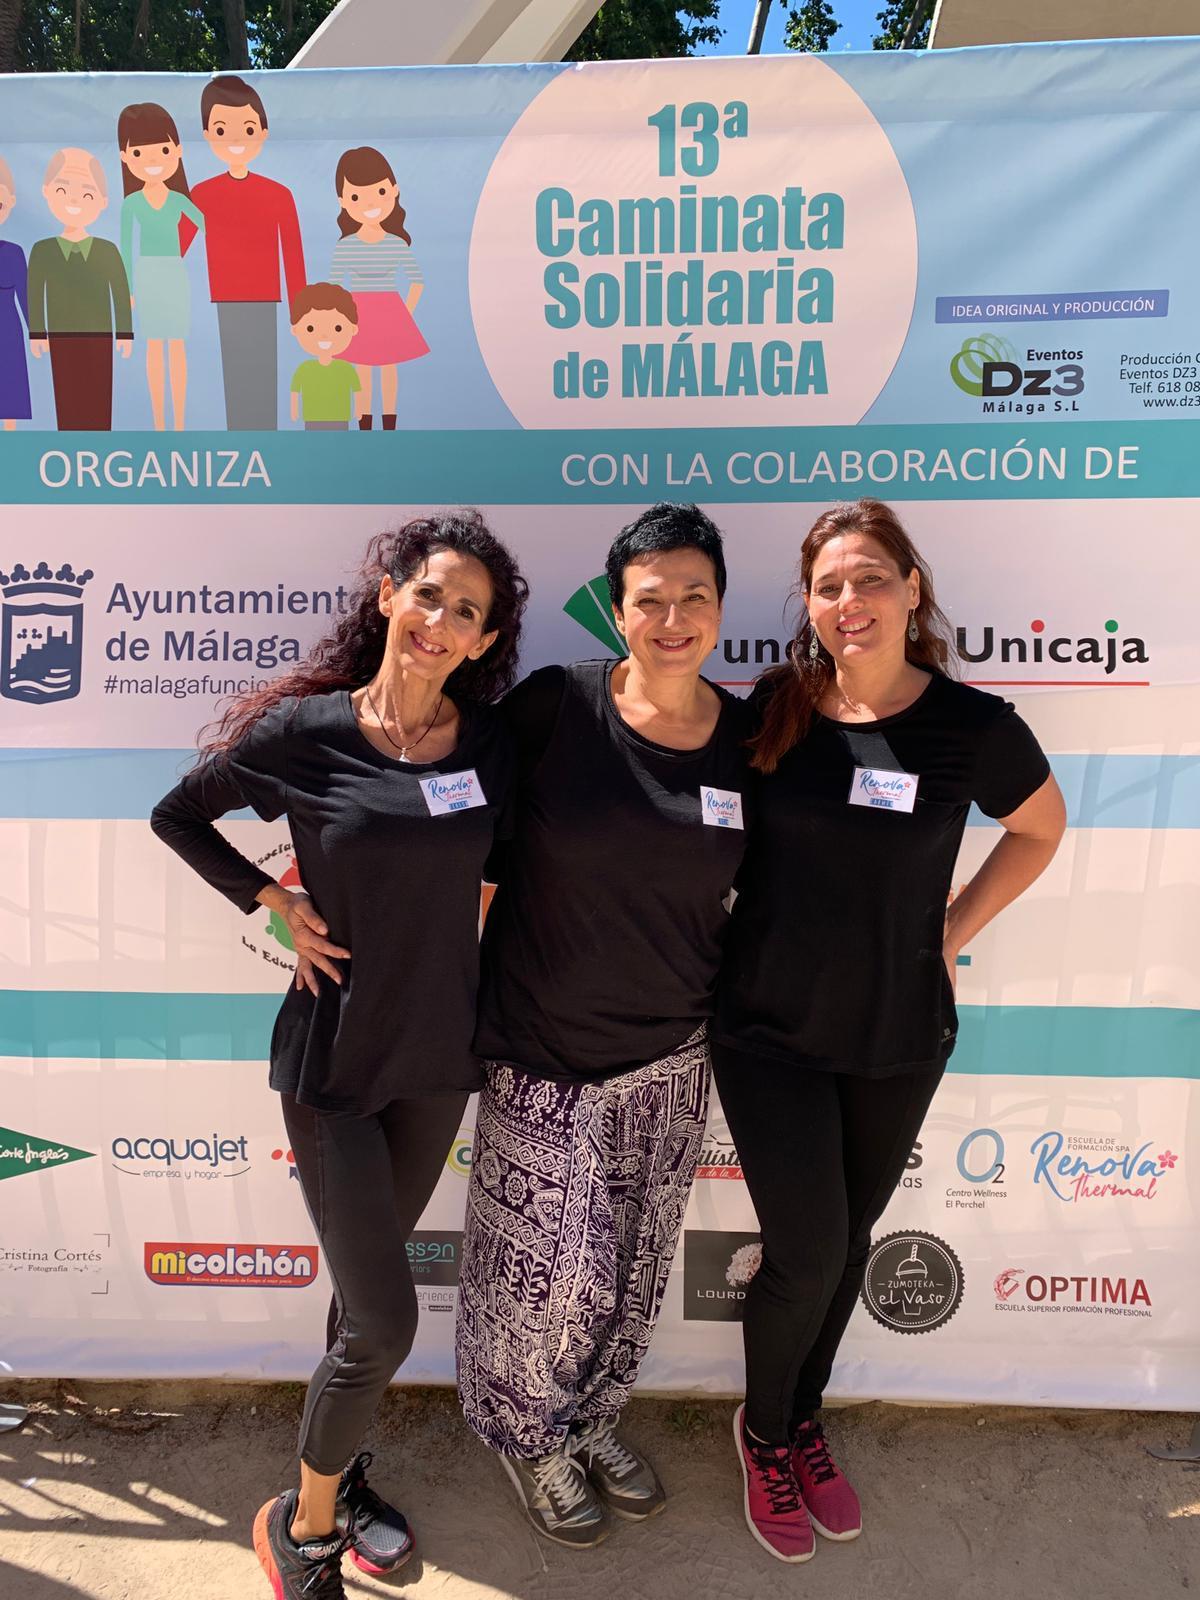 Caminata_solidaria_Malaga_Renova_Thermal